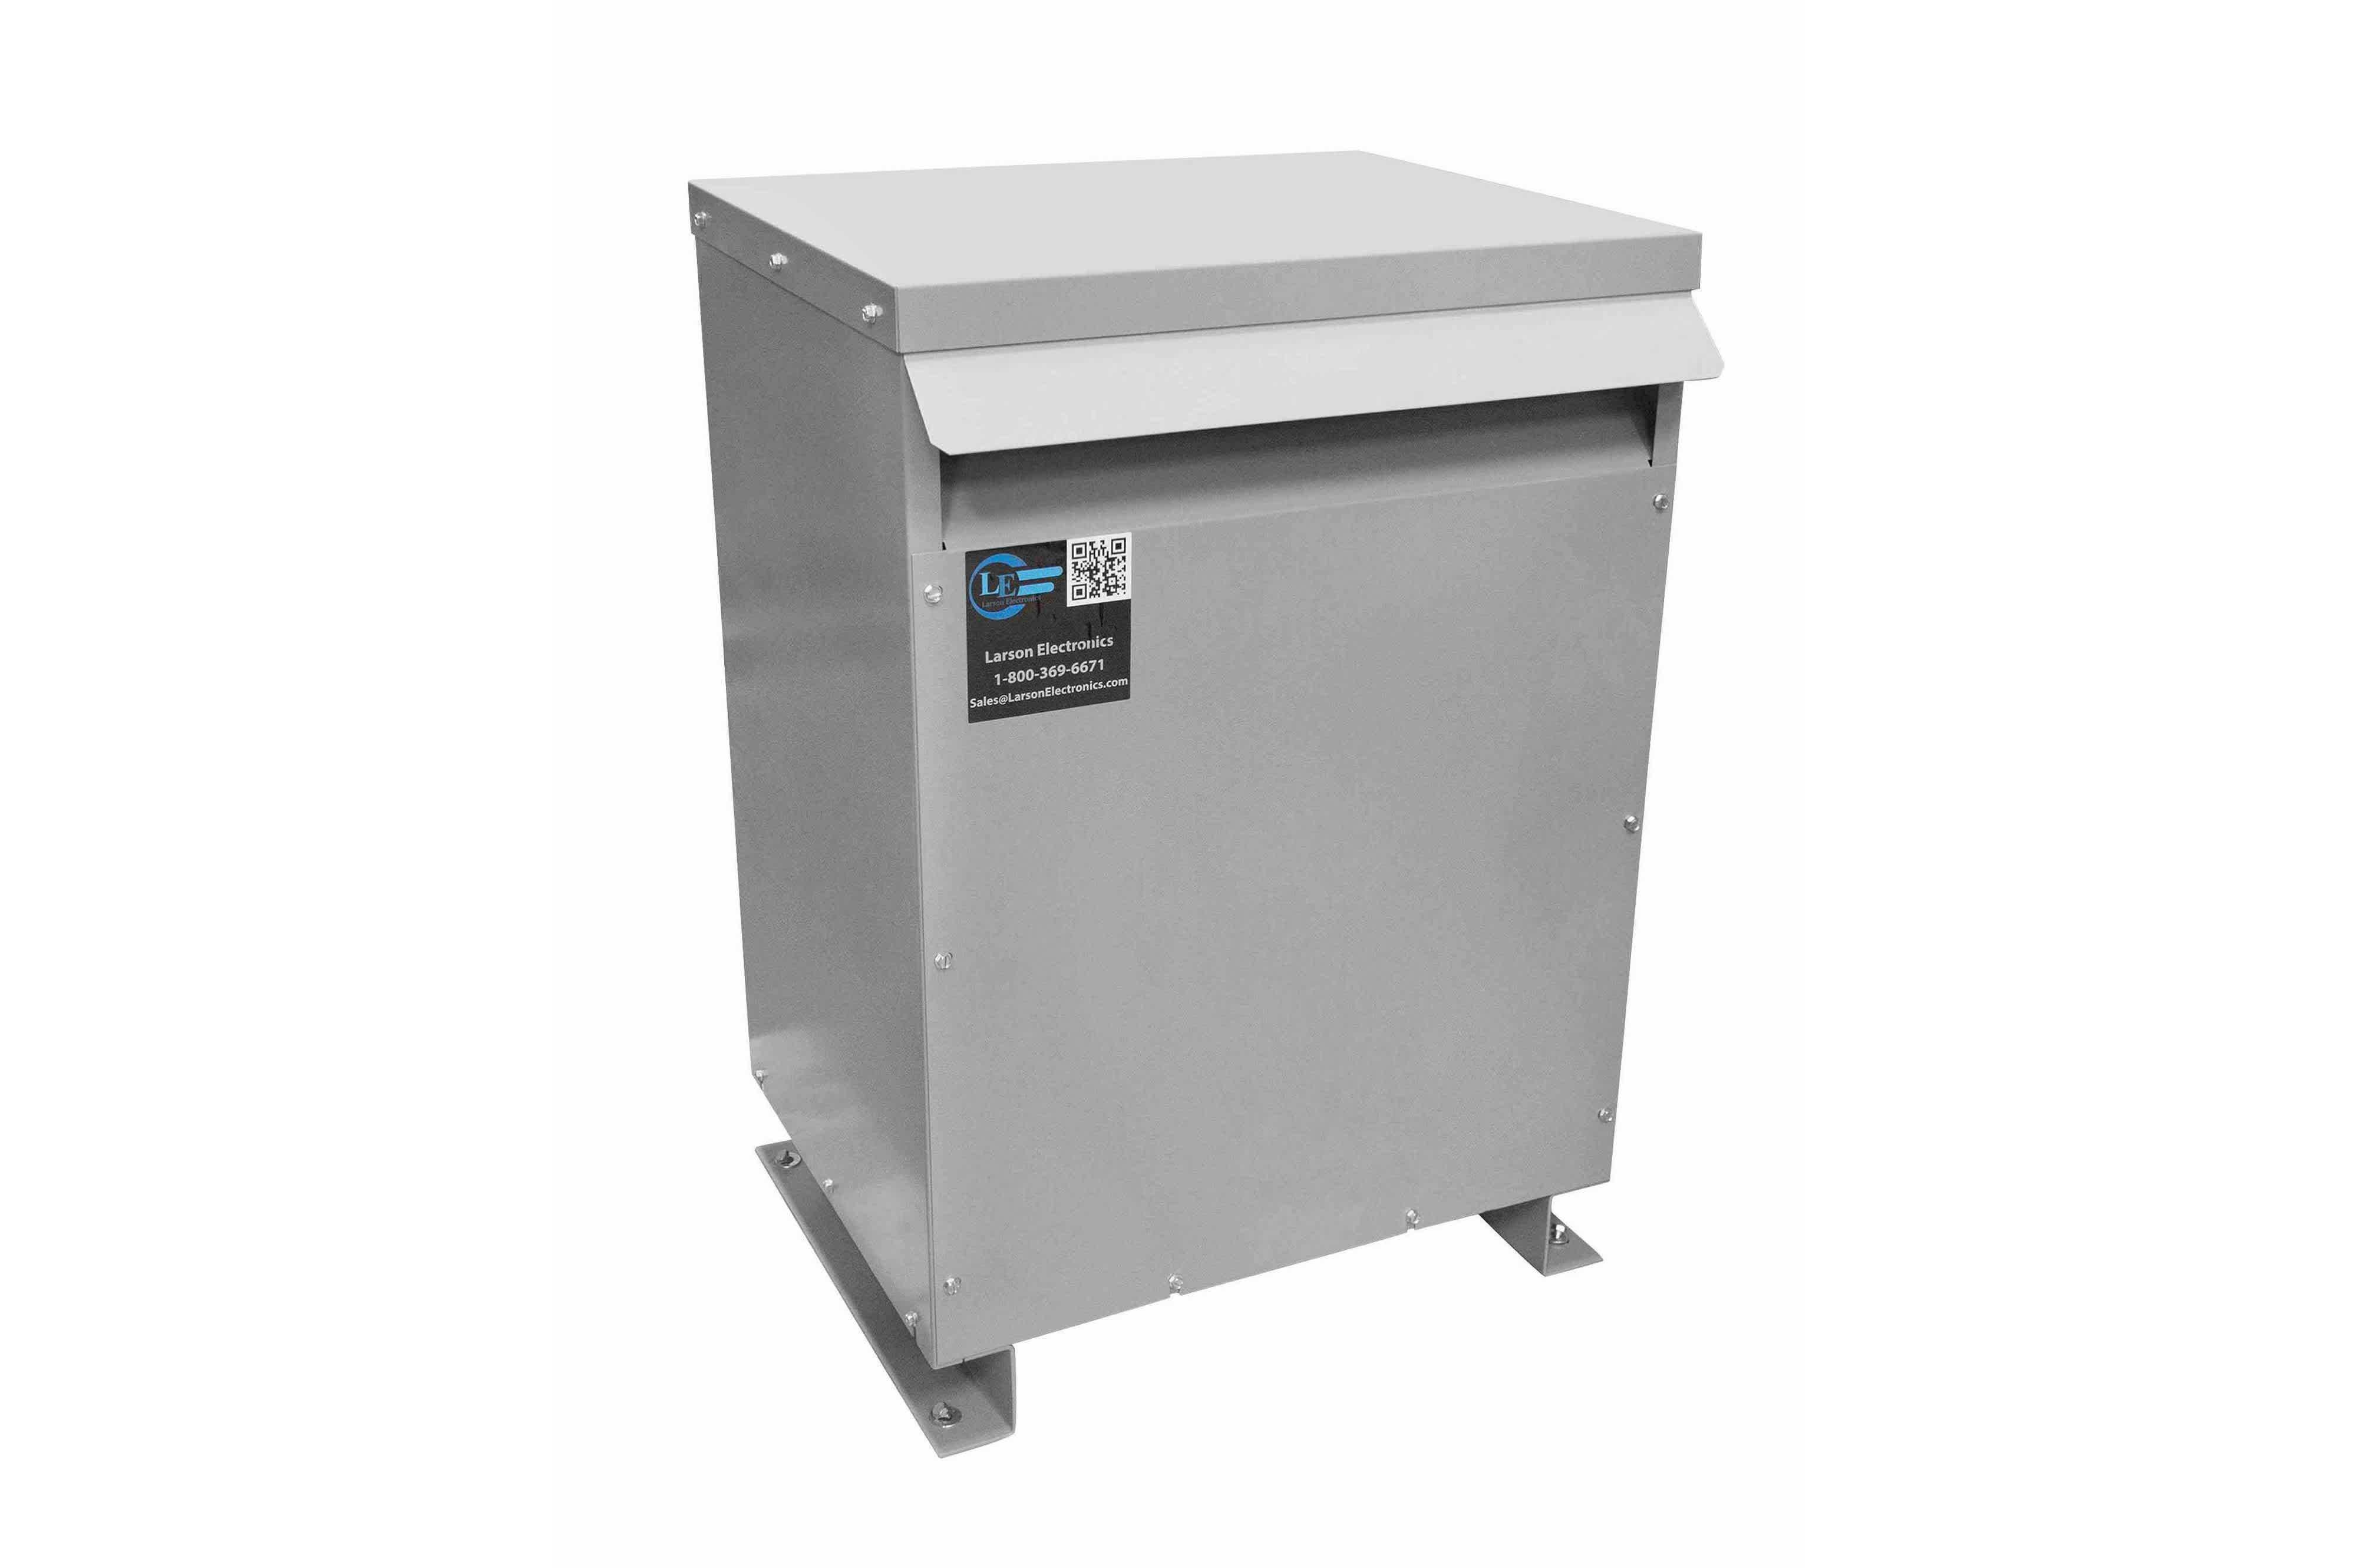 65 kVA 3PH Isolation Transformer, 240V Delta Primary, 380V Delta Secondary, N3R, Ventilated, 60 Hz